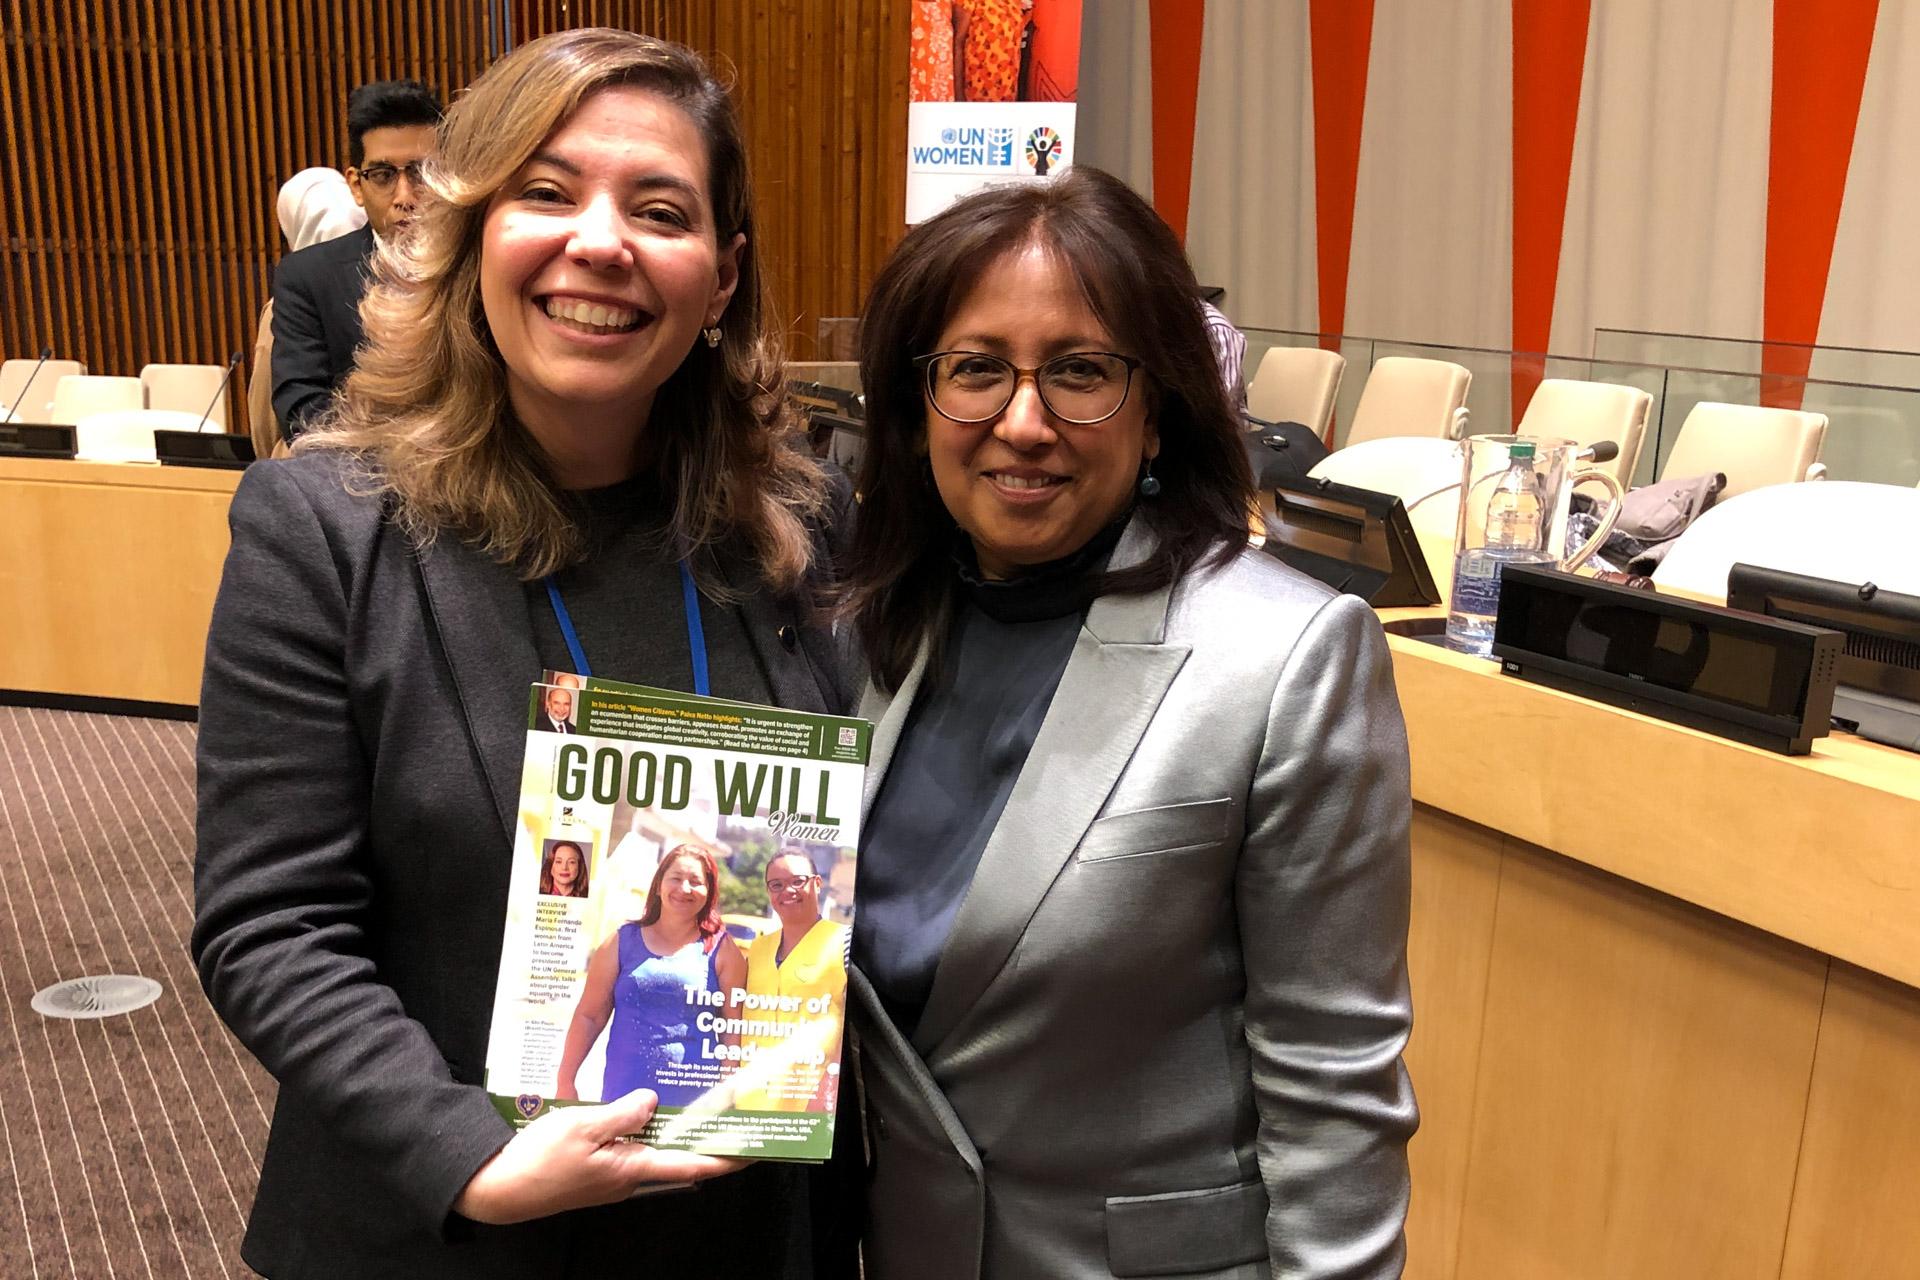 A sra. Purna Sen, coordenadora-executiva da ONU Mulheres e porta-voz da ONU Mulheres para Assuntos sobre Assédio Sexual e Outras Formas de Discriminação, também recebeu as recomendações da LBV.